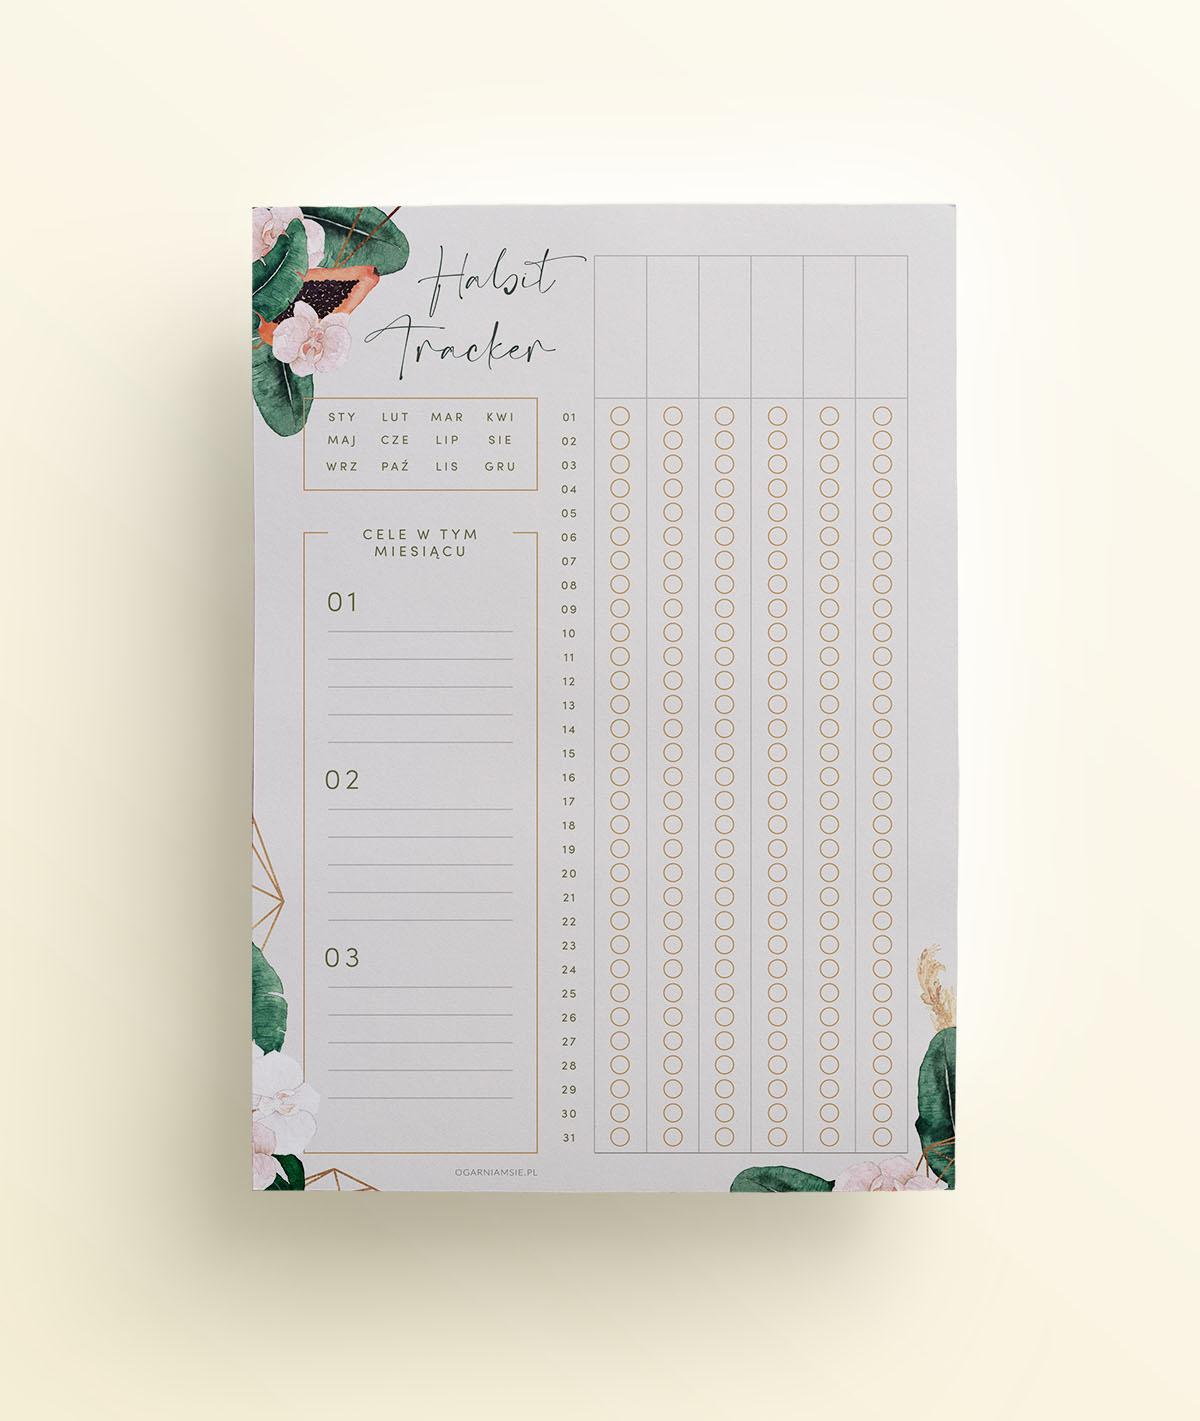 OgarniamSie-HabitTracker-TropikalneKwiaty-A4-do-druku-mockup